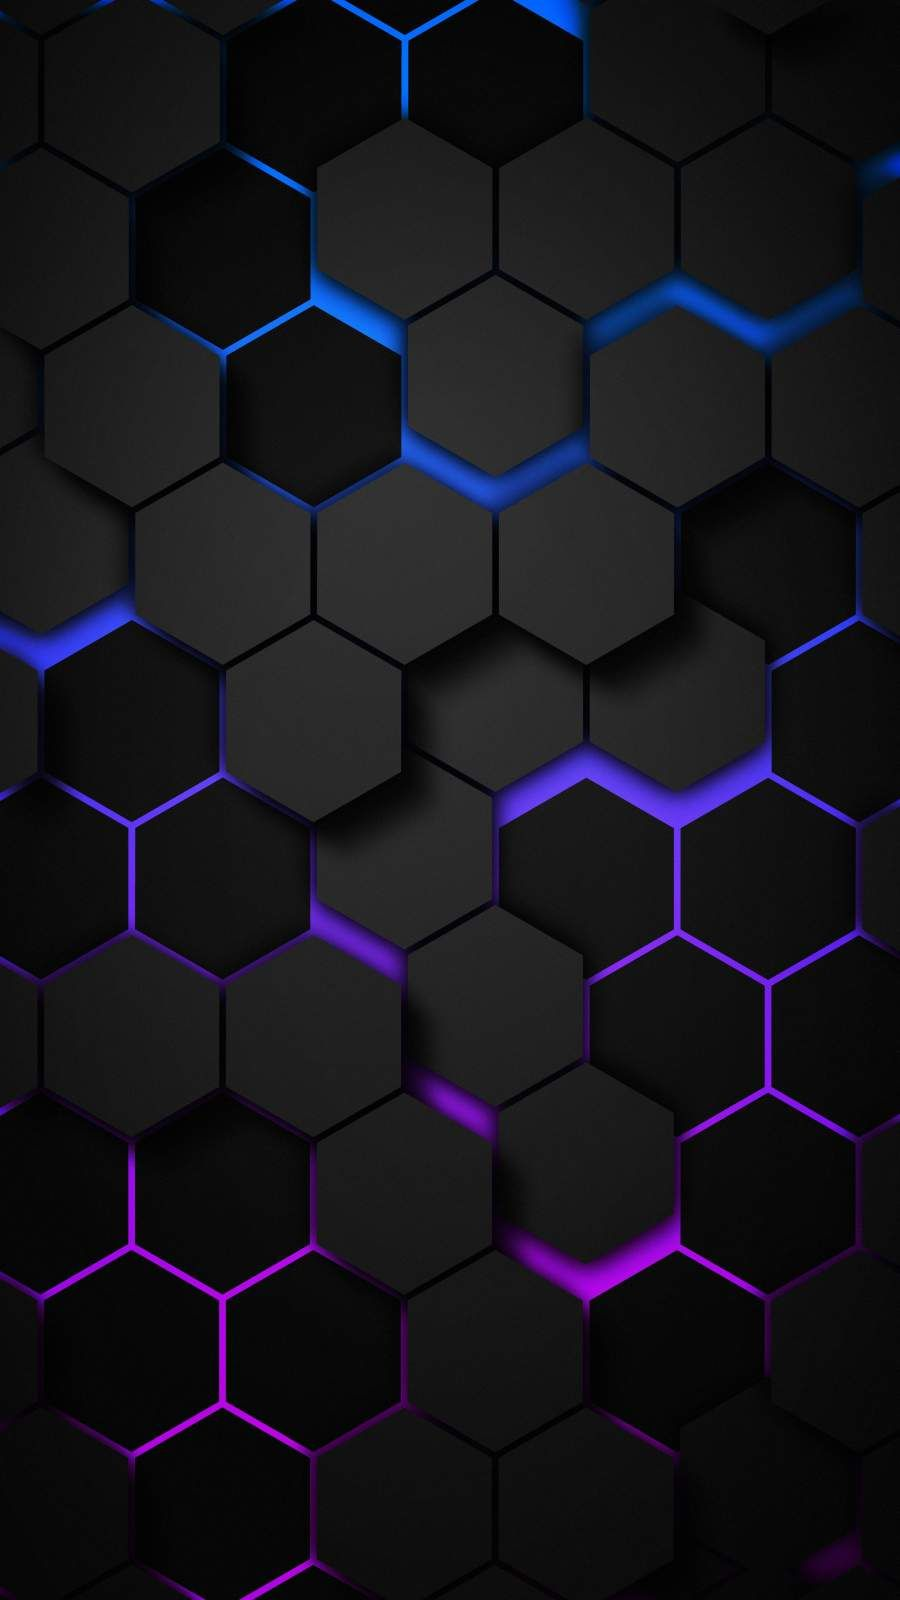 3D Hexagon IPhone Wallpaper - IPhone Wallpapers